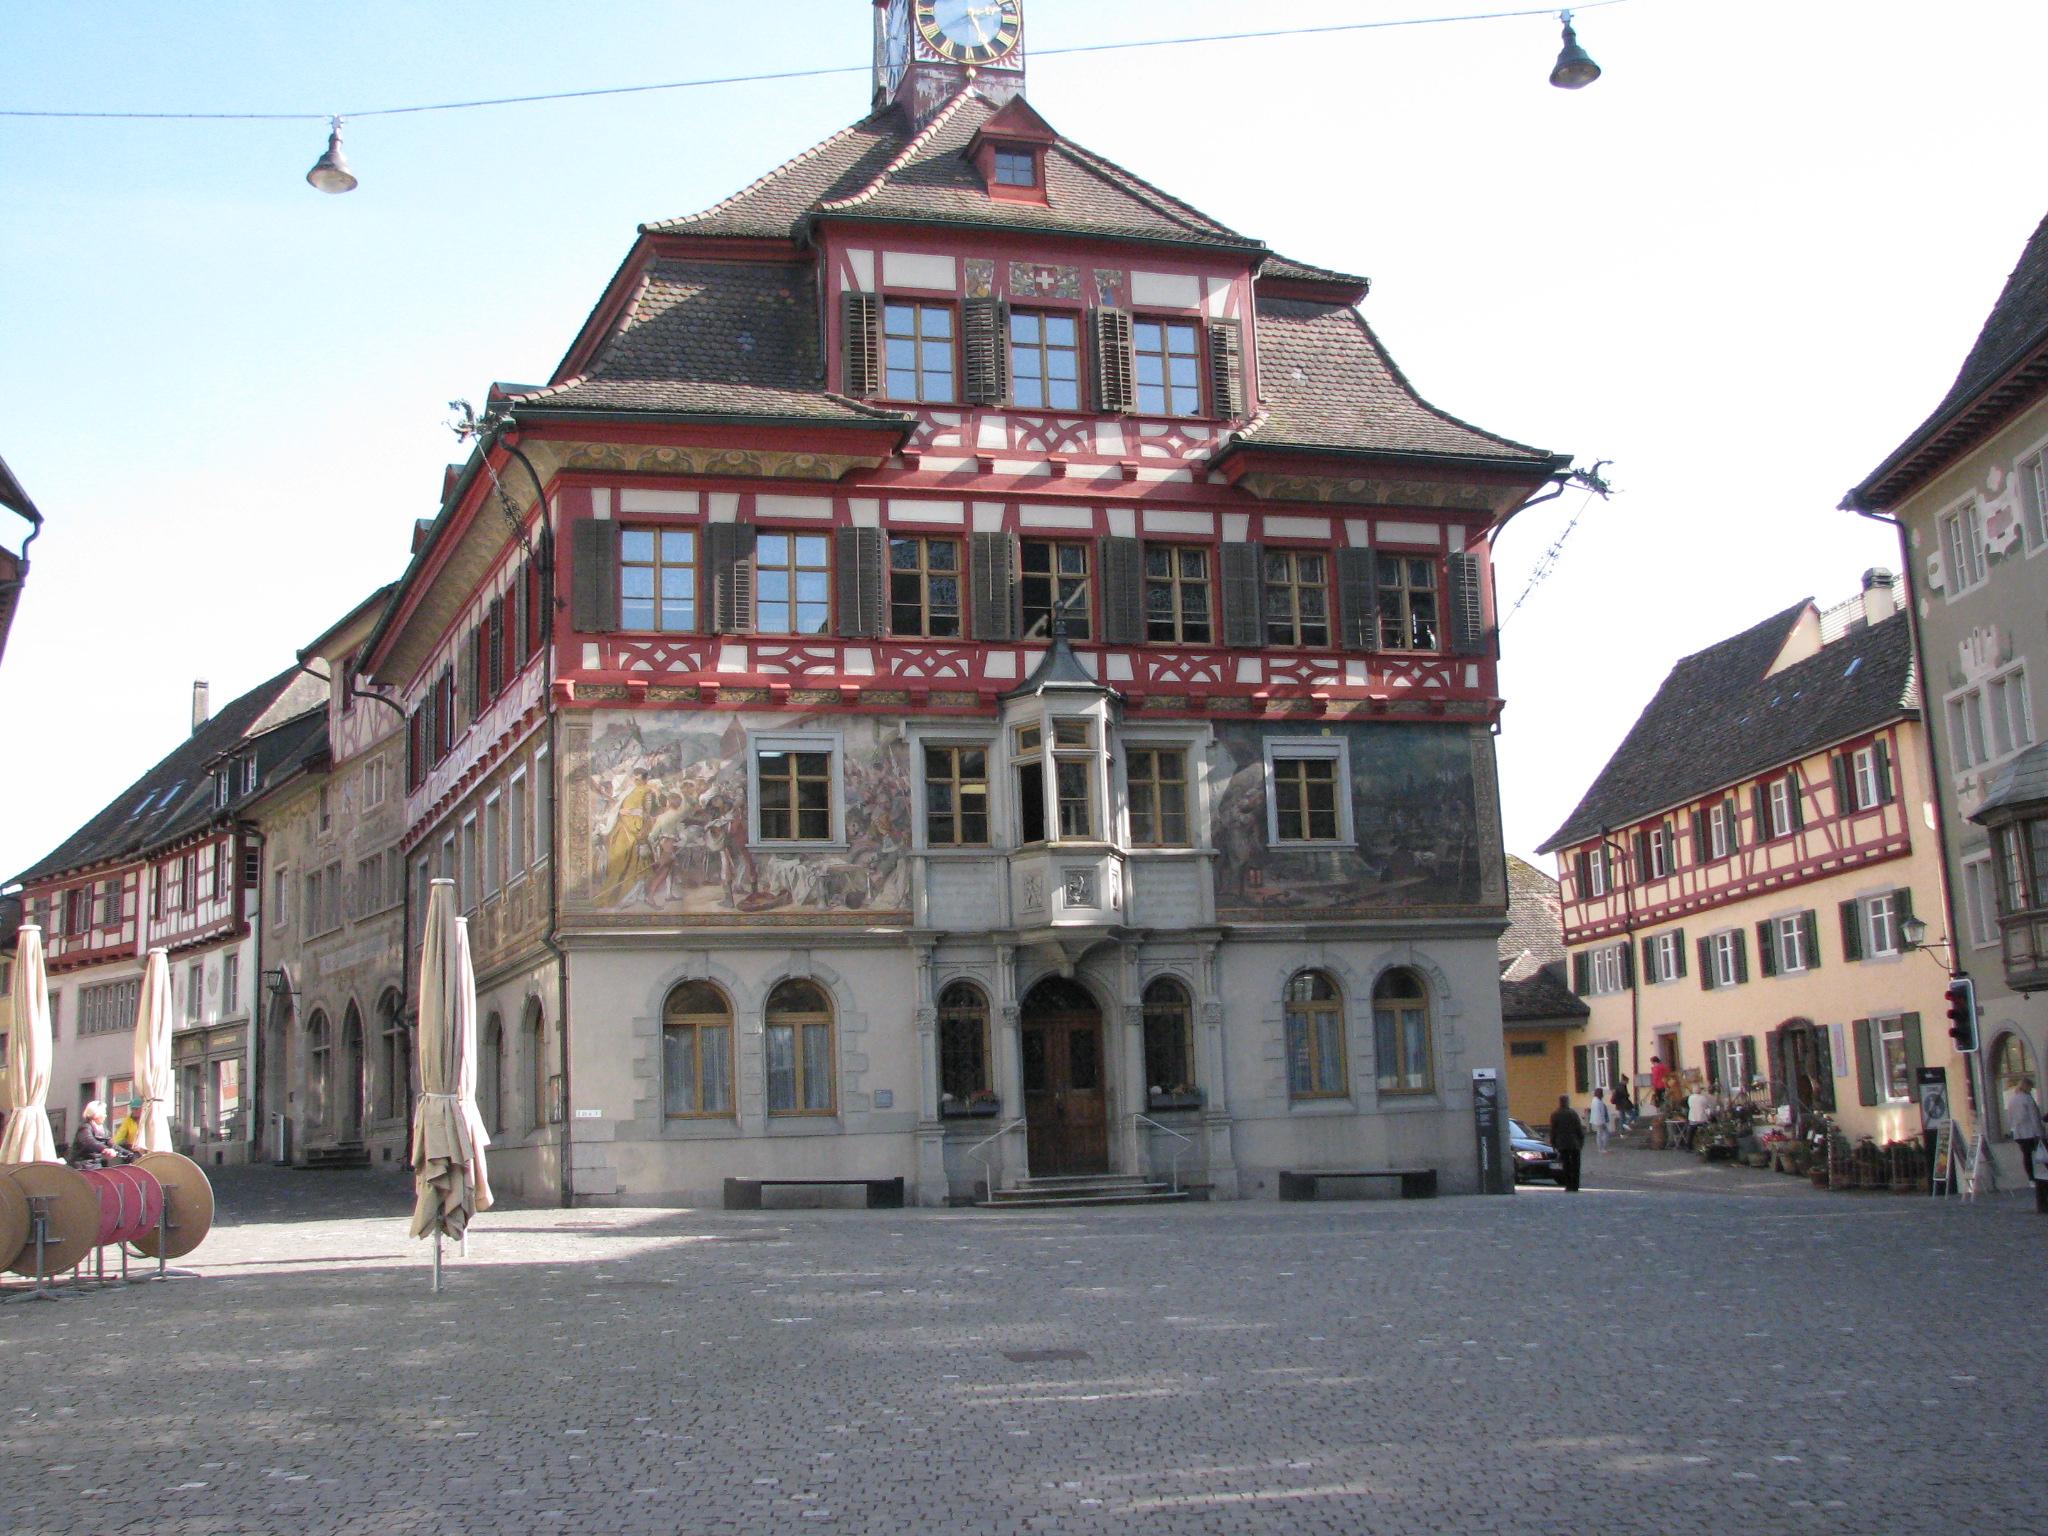 Rathaus von Stein am Rhein